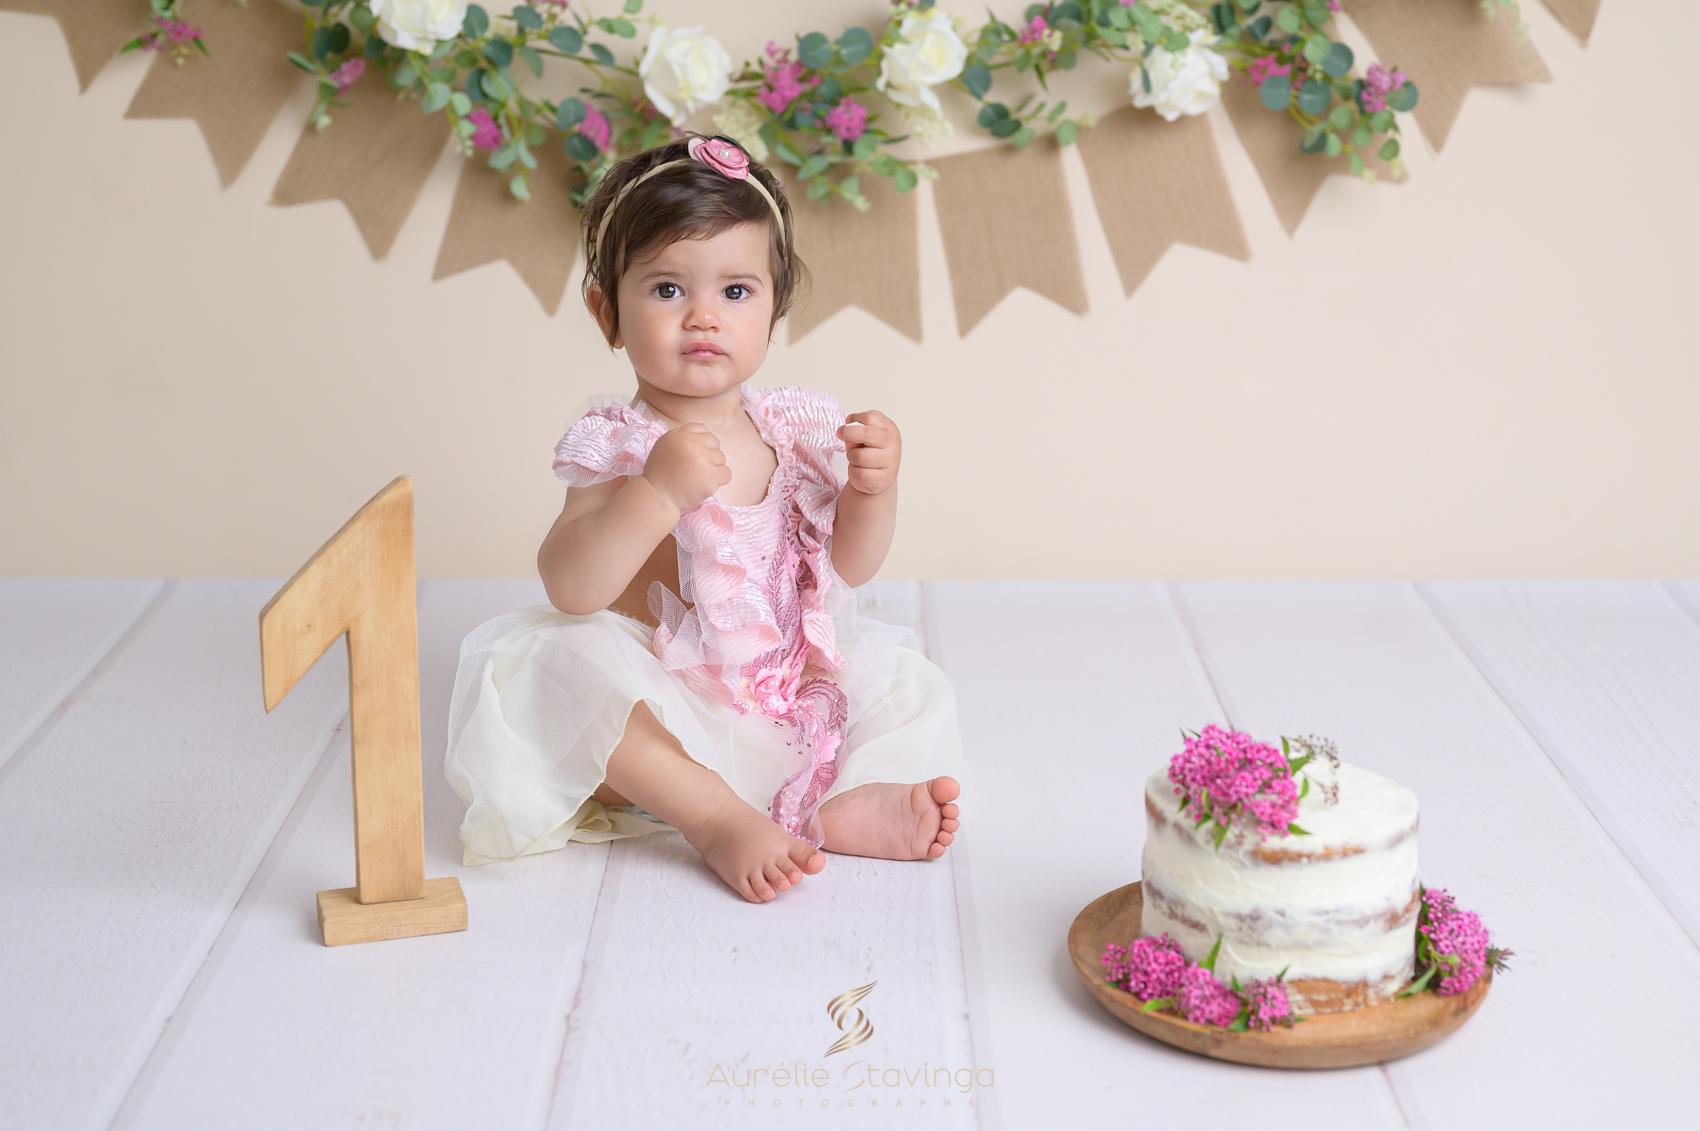 Photographe bébé à Tullins près de Voiron et Grenoble, Bébé 1 an anniversaire smash the cake rose fleurs